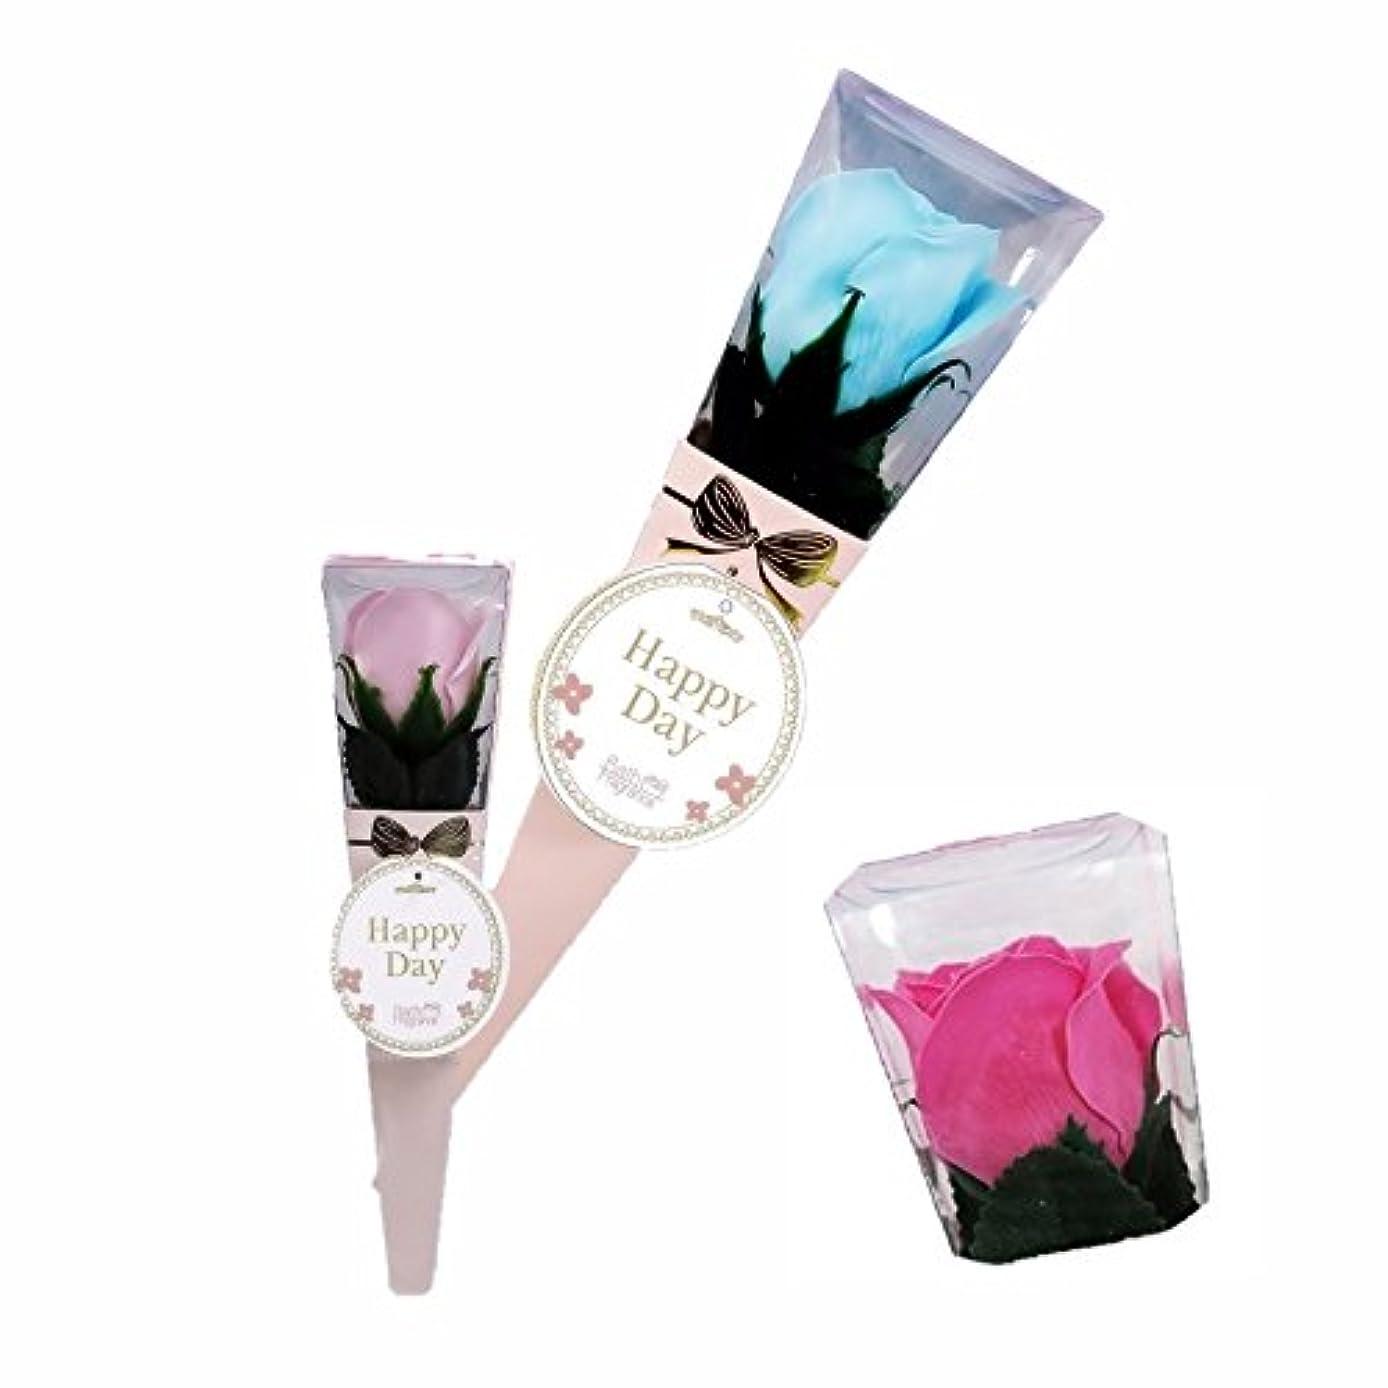 マティスヒゲクジラ損失バスフレグランス ミニローズブーケ ローズピンク バスフラワー ギフト お花の形の入浴剤